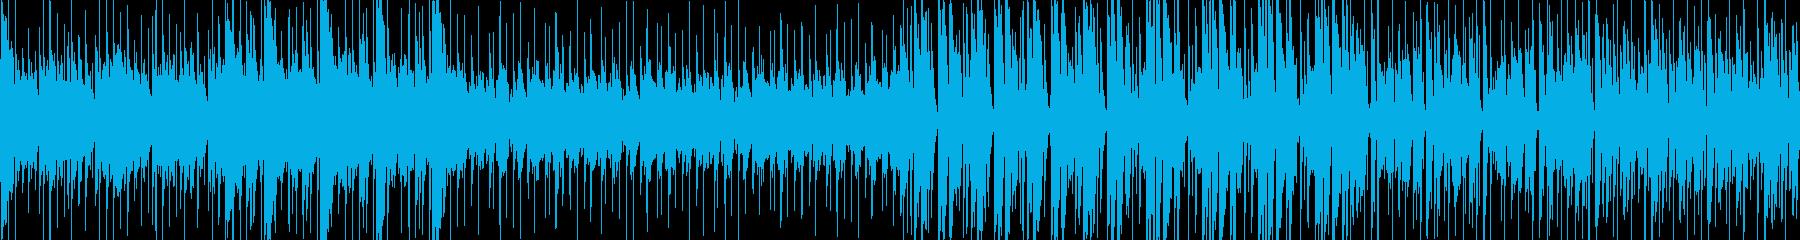 哀愁漂う軽快なラテン系民族音楽の再生済みの波形